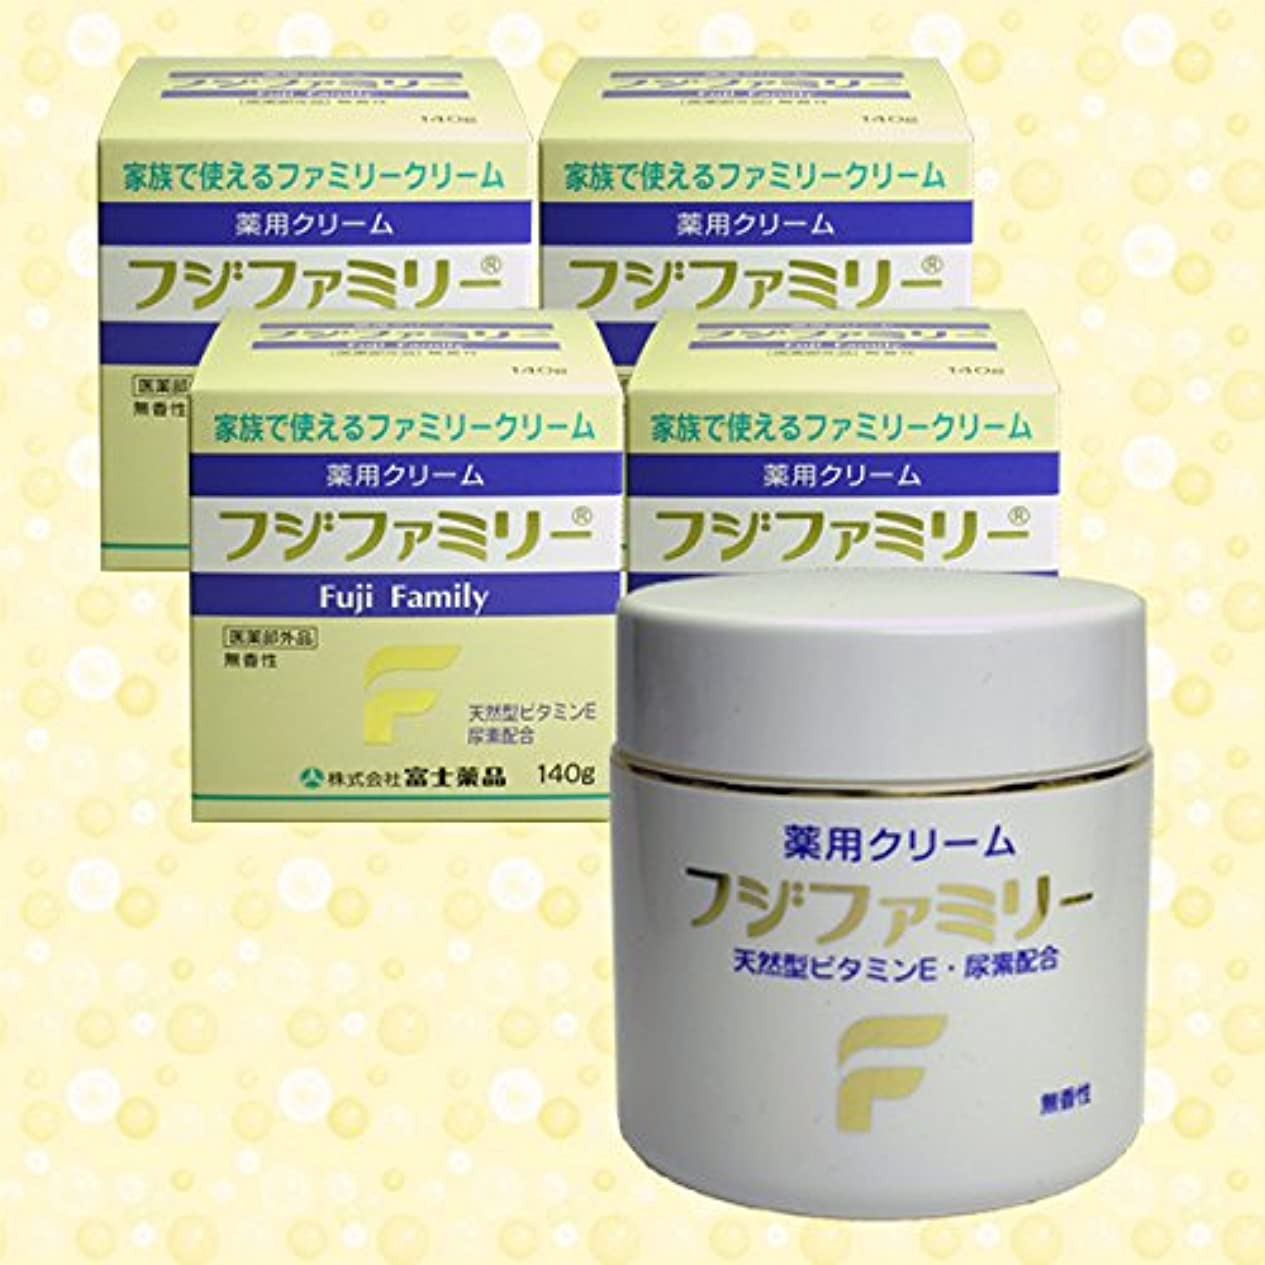 億羨望申し立て富士薬品 薬用クリームフジファミリー140g×4個セット 医薬部外品